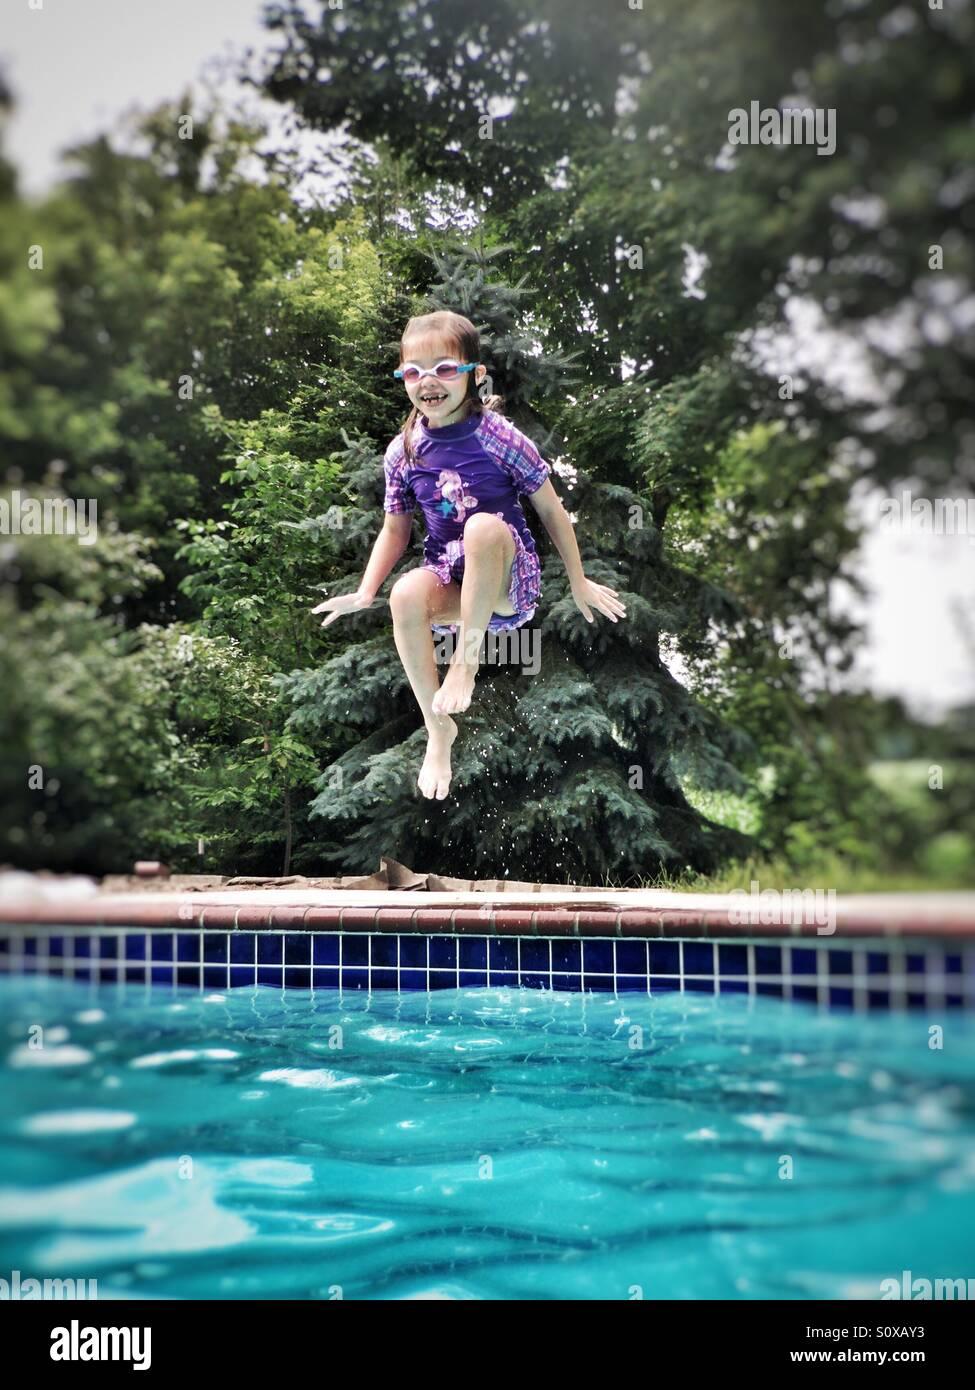 Mädchen tragen lila Anzug und Schwimmbrillen in einen Pool springen Stockbild